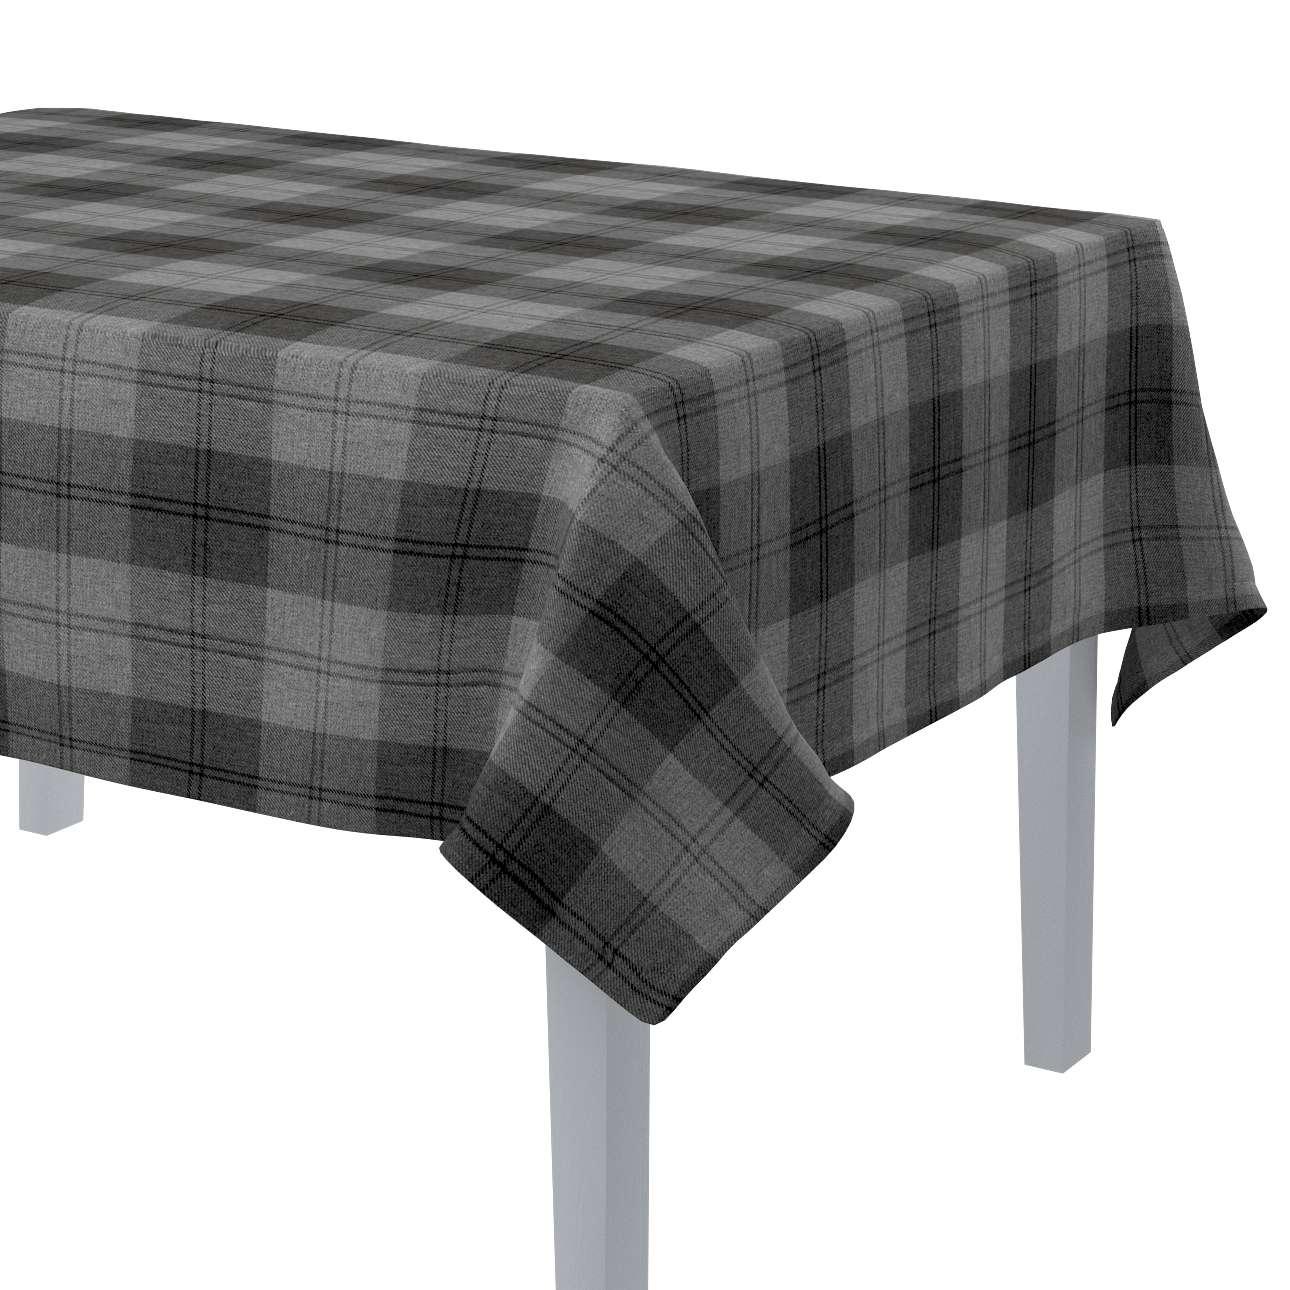 Asztalterítő téglalap alakú a kollekcióból Edinburgh Bútorszövet, Dekoranyag: 115-75